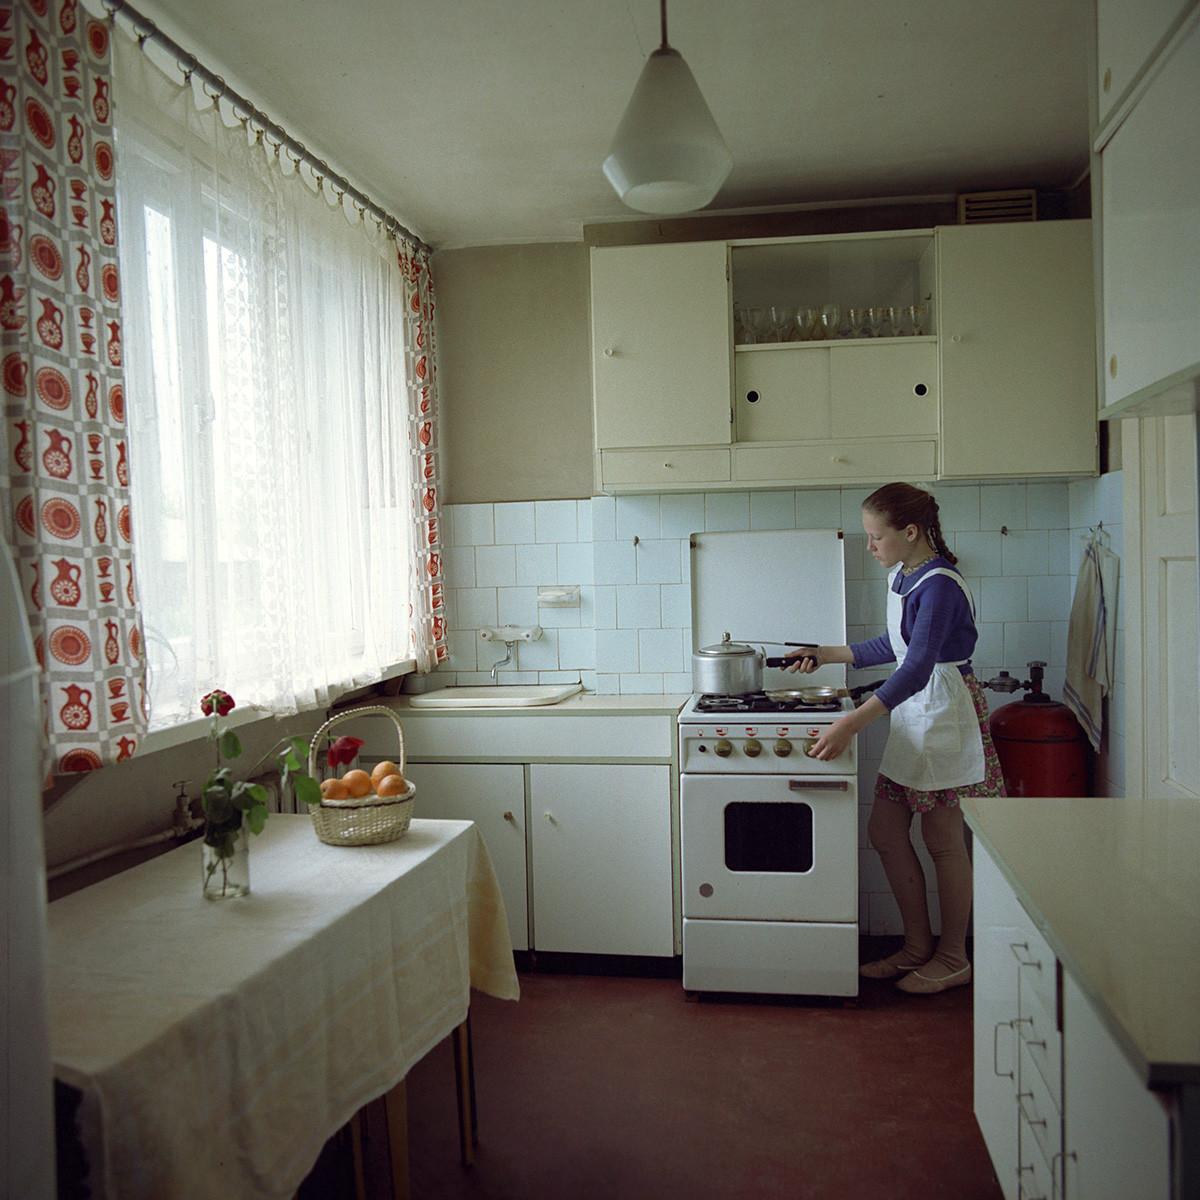 Кухонное убранство жителей Латвийской ССР, 1974 г.